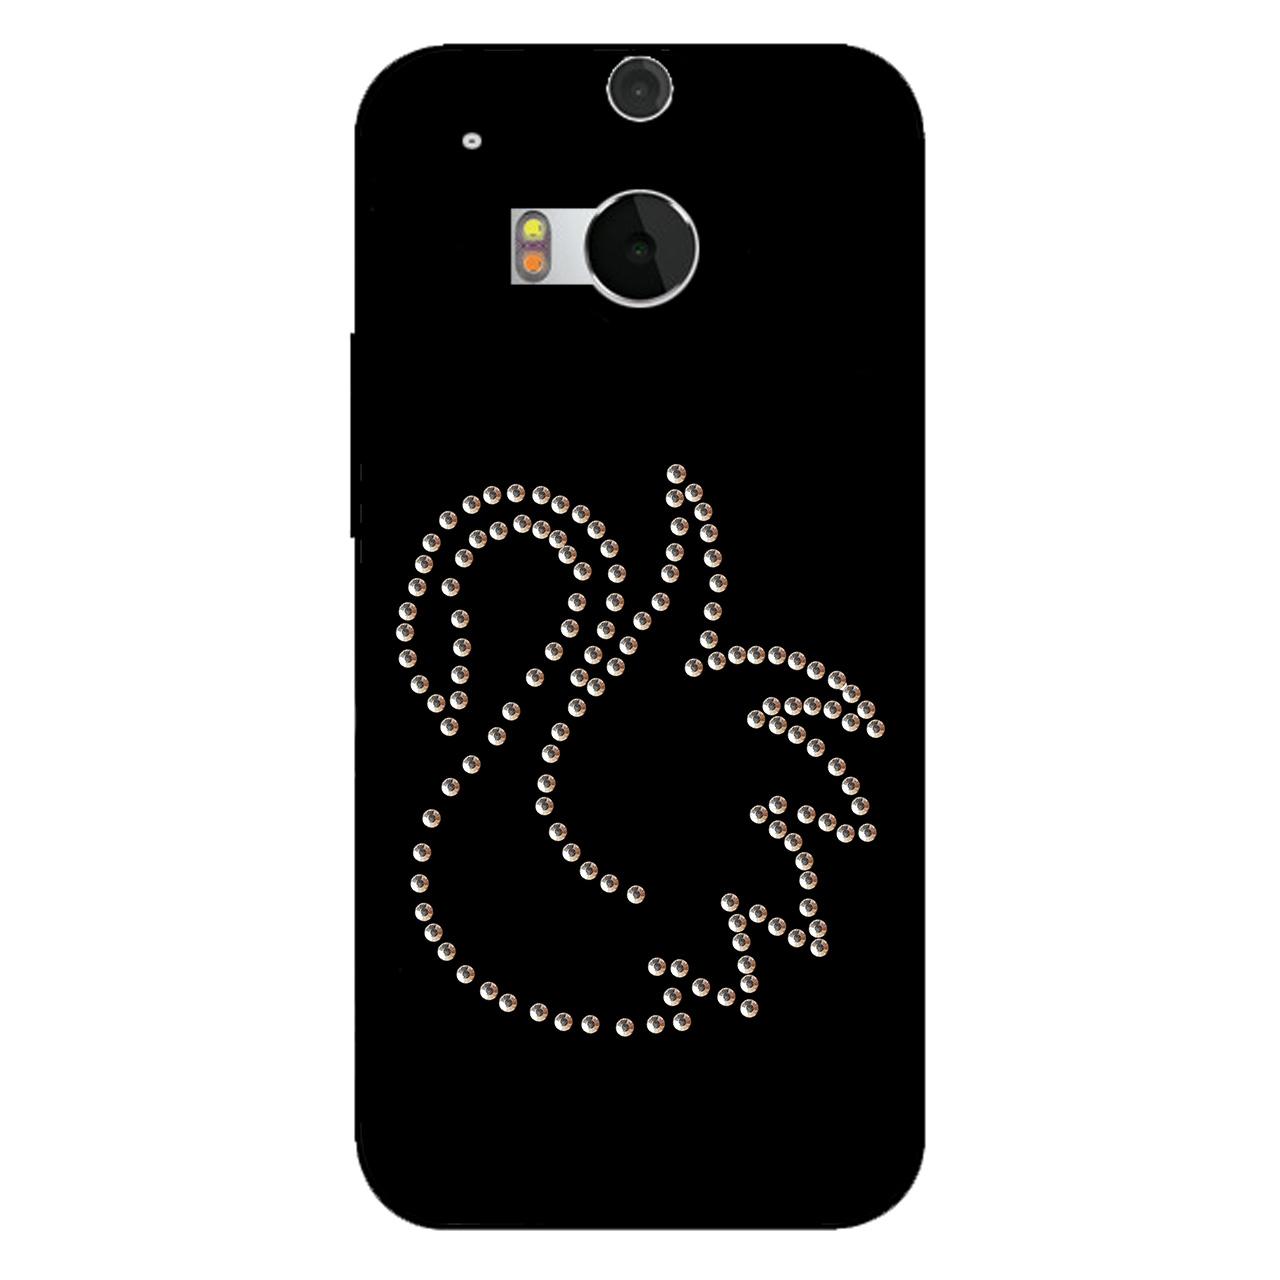 کاور کی اچ کد 225 مناسب برای گوشی موبایل اچ تی سی One M8